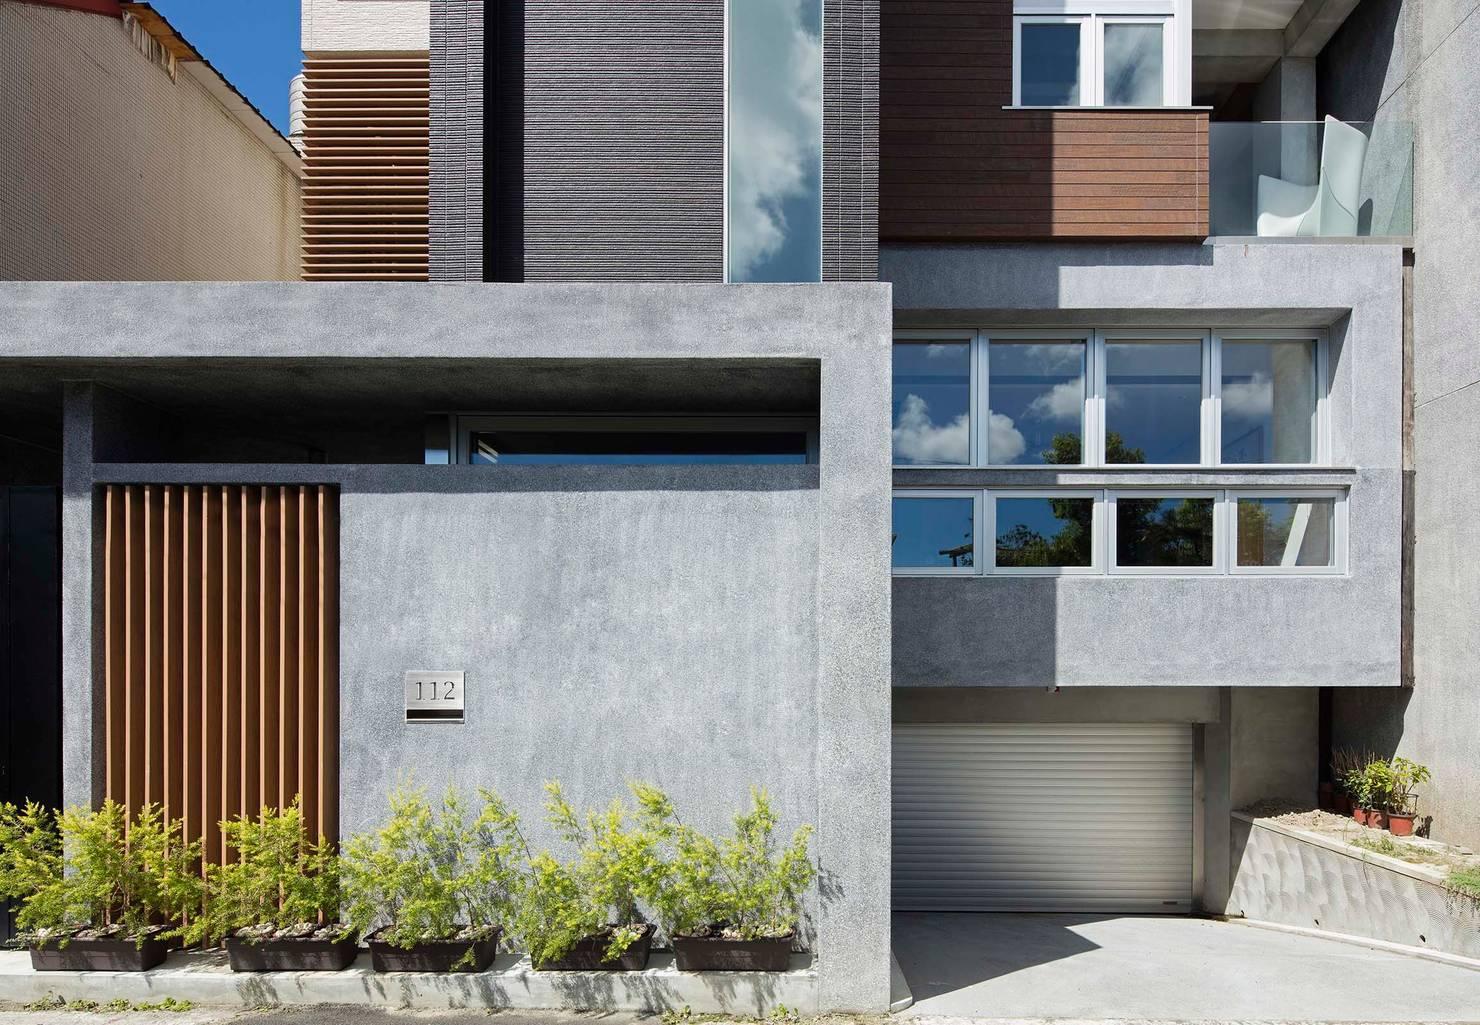 주택의 얼굴을 담당하는 아름다운 주택 외관 12